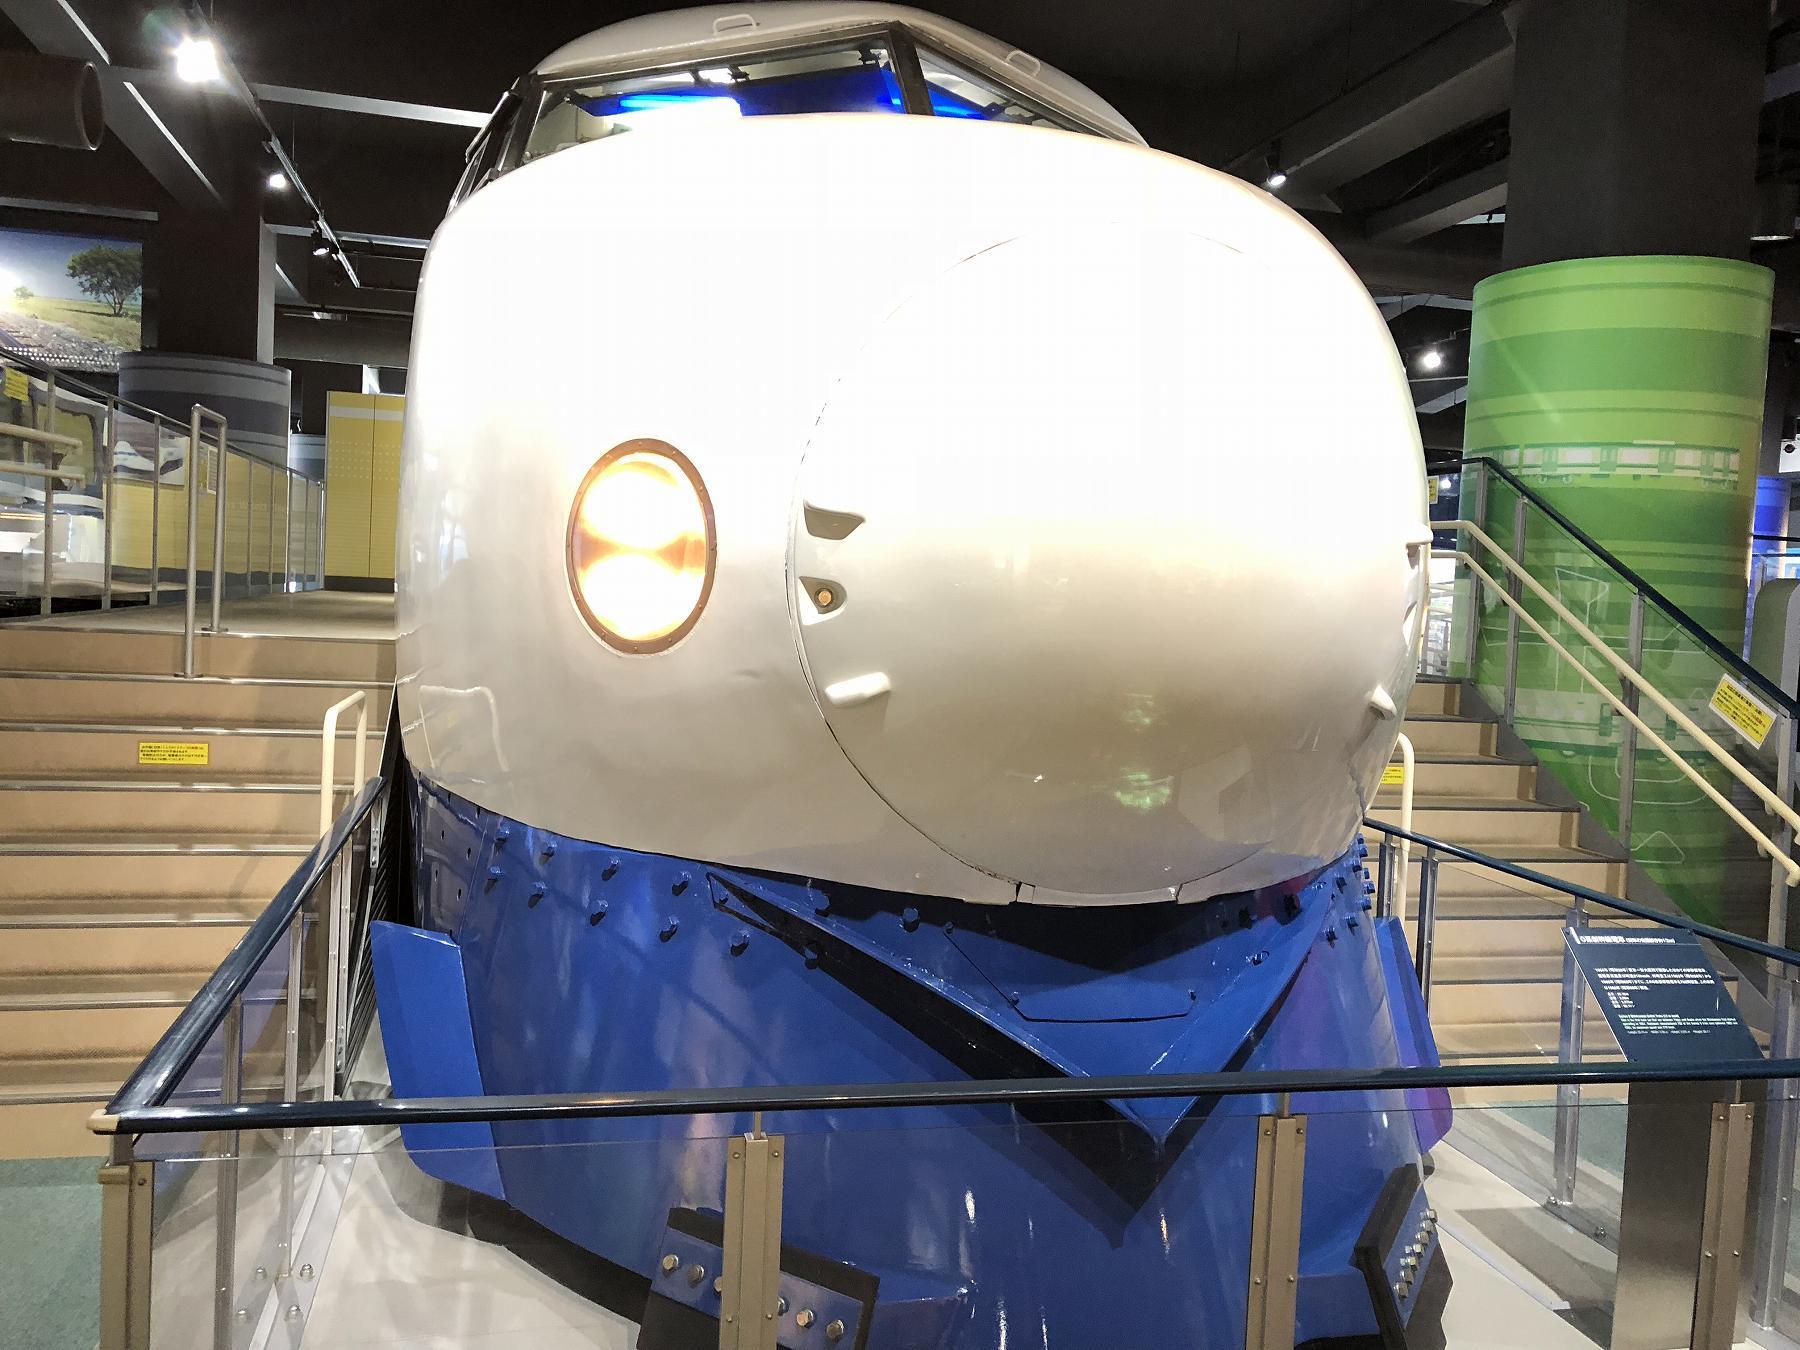 「神戸海洋博物館」と「カワサキワールド」で大はしゃぎ!大人も遊んでみた! #神戸観光 #川崎重工 #カワサキワールド #神戸港 #神戸海洋博物館